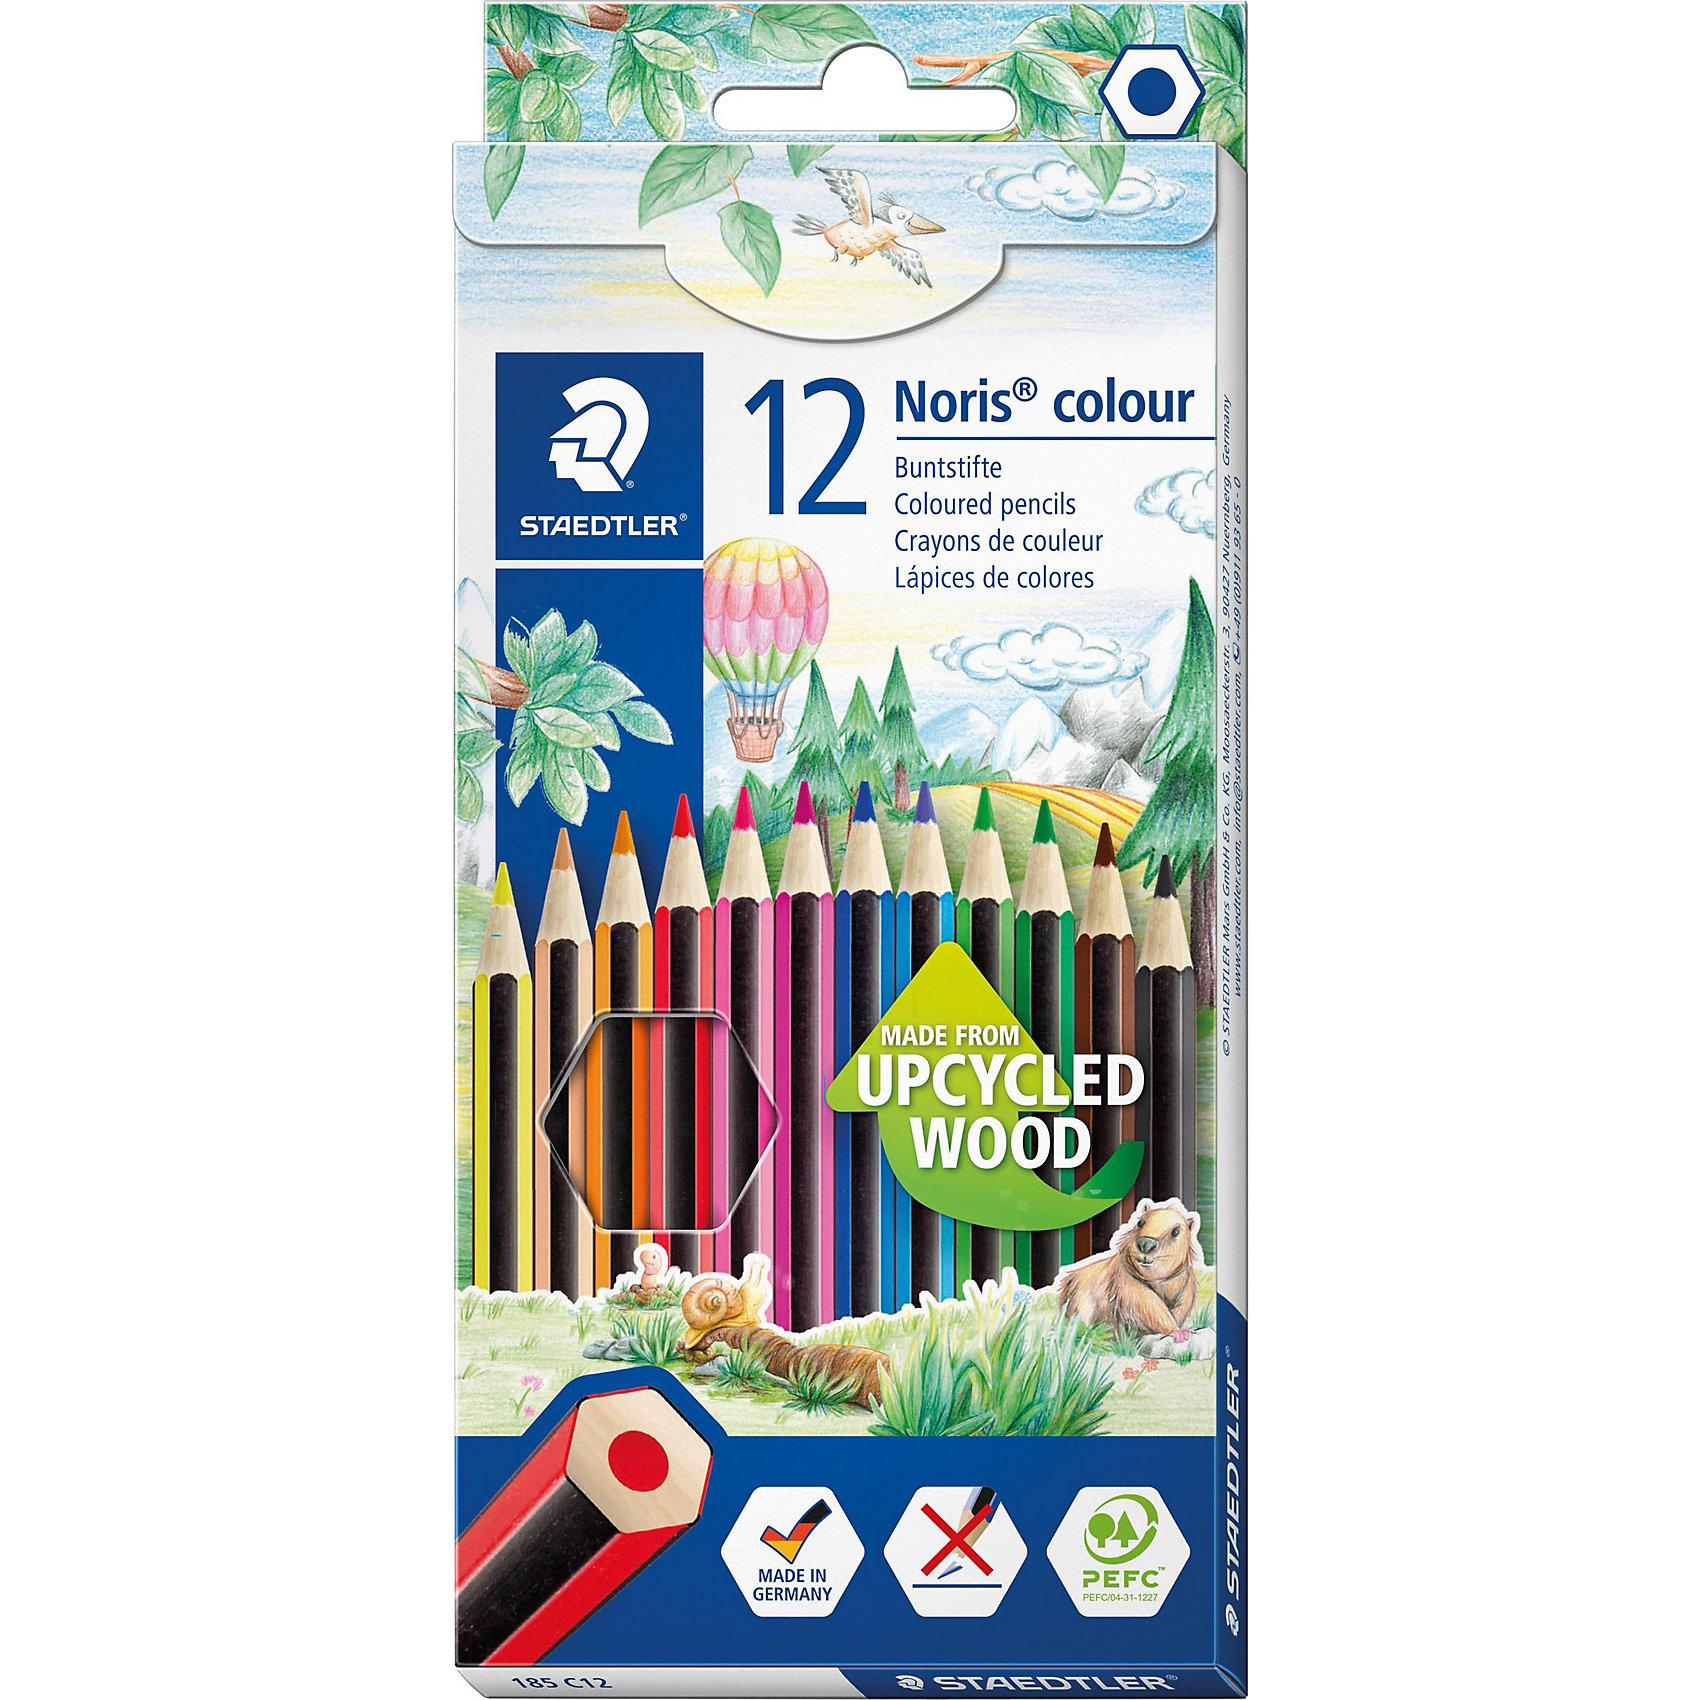 Карандаш цветные Noris Colour,  12 цвРисование<br>Новые цветные карандаши  Noris Color 185 из инновационного материала Wopex.<br> Сделаны из нового природного волокнистого материала: 70% древесины+пластиковый композит.<br> Высокое качество письма, рисования, эскизов.  Нескользящая, бархатистая поверхность; особенно ударопрочный корпус и грифель; гладкое письмо.  Инновационный, однородный материал Wopex обеспечивает исключительно гладкую и ровную заточку с любым качеством точилки. <br>Текст и рисунки легко стереть. Упаковка  - 12 цветов.<br><br>Ширина мм: 197<br>Глубина мм: 89<br>Высота мм: 10<br>Вес г: 112<br>Возраст от месяцев: 60<br>Возраст до месяцев: 168<br>Пол: Унисекс<br>Возраст: Детский<br>SKU: 4918515